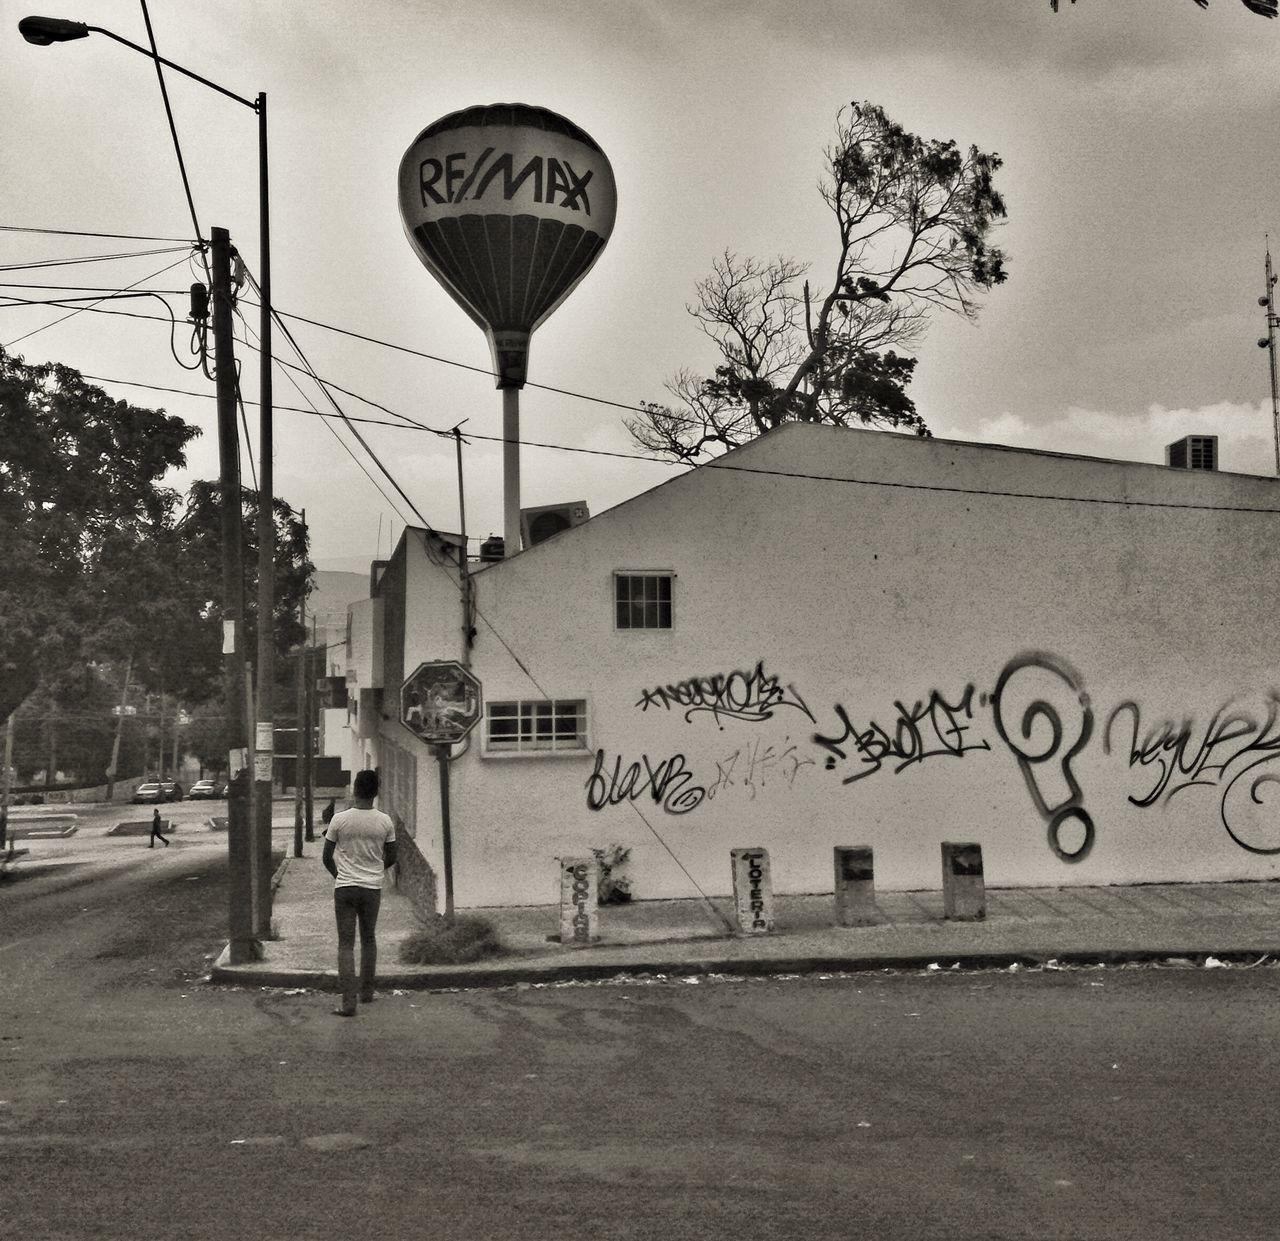 Caminando por la ciudad Streetphotography IPhoneography Urban@ndante Monochrome